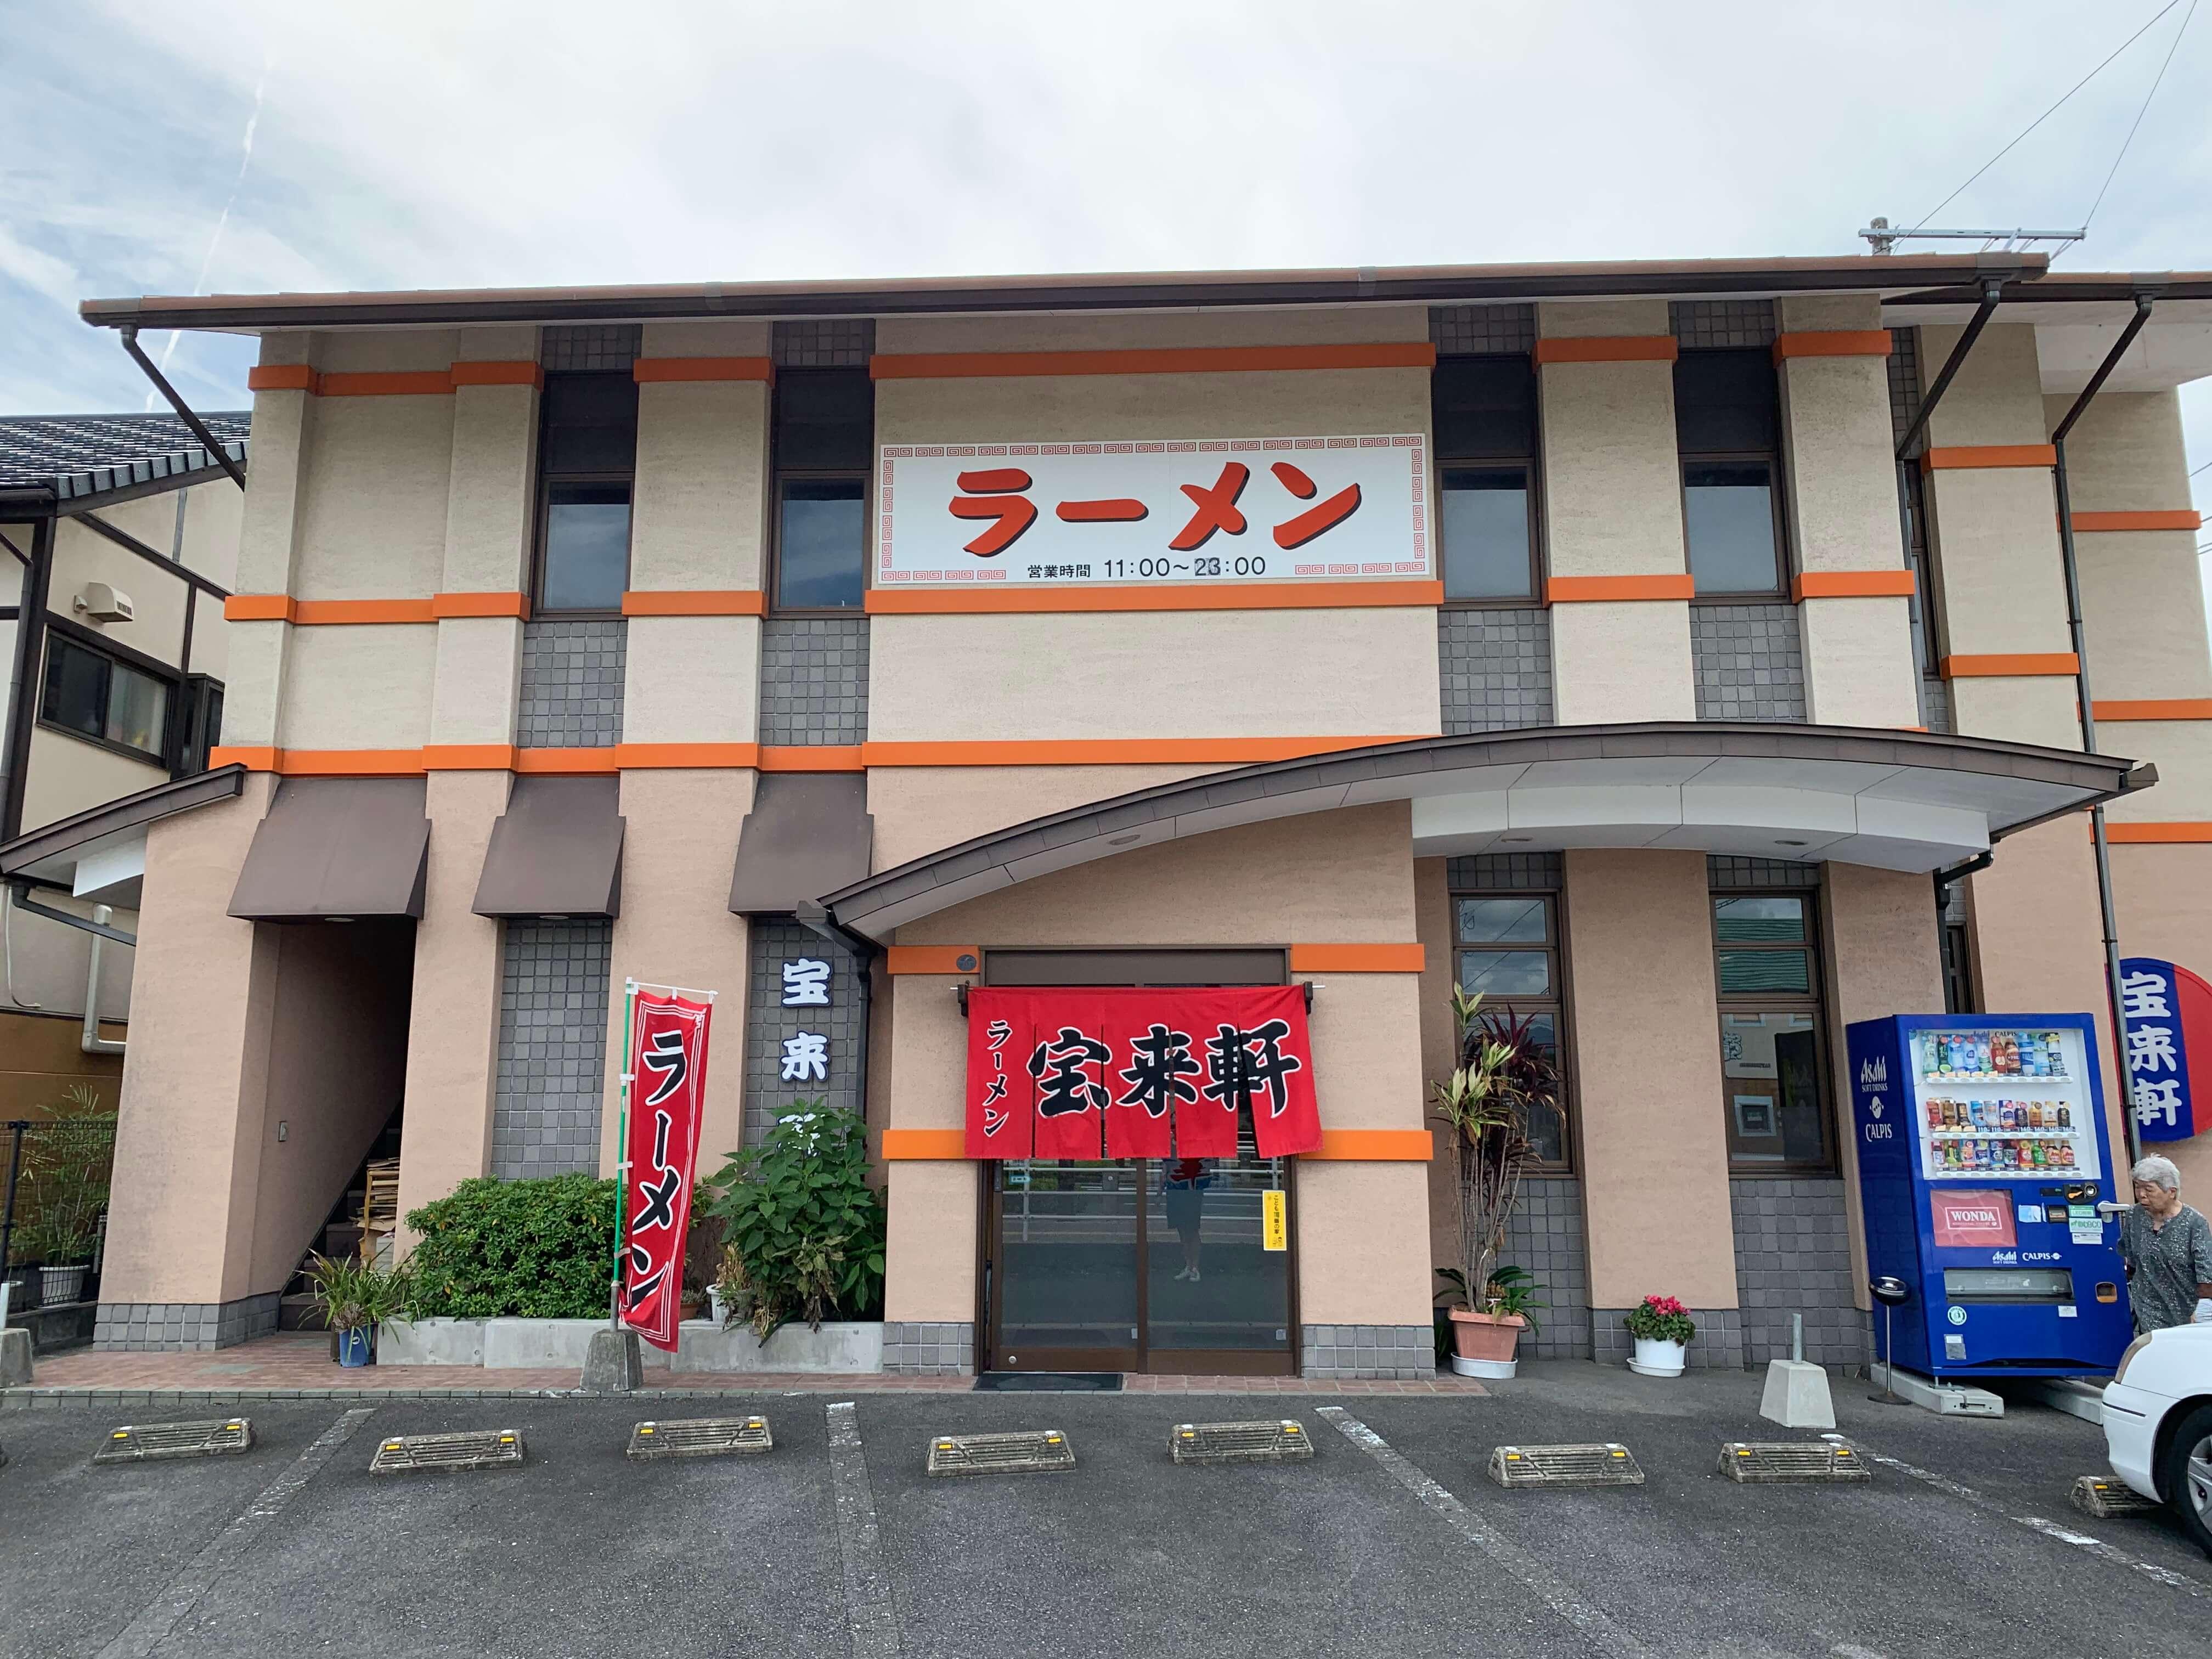 【2019年】伊万里でラーメン食べるなら宝来軒! 【ランチにおすすめ】